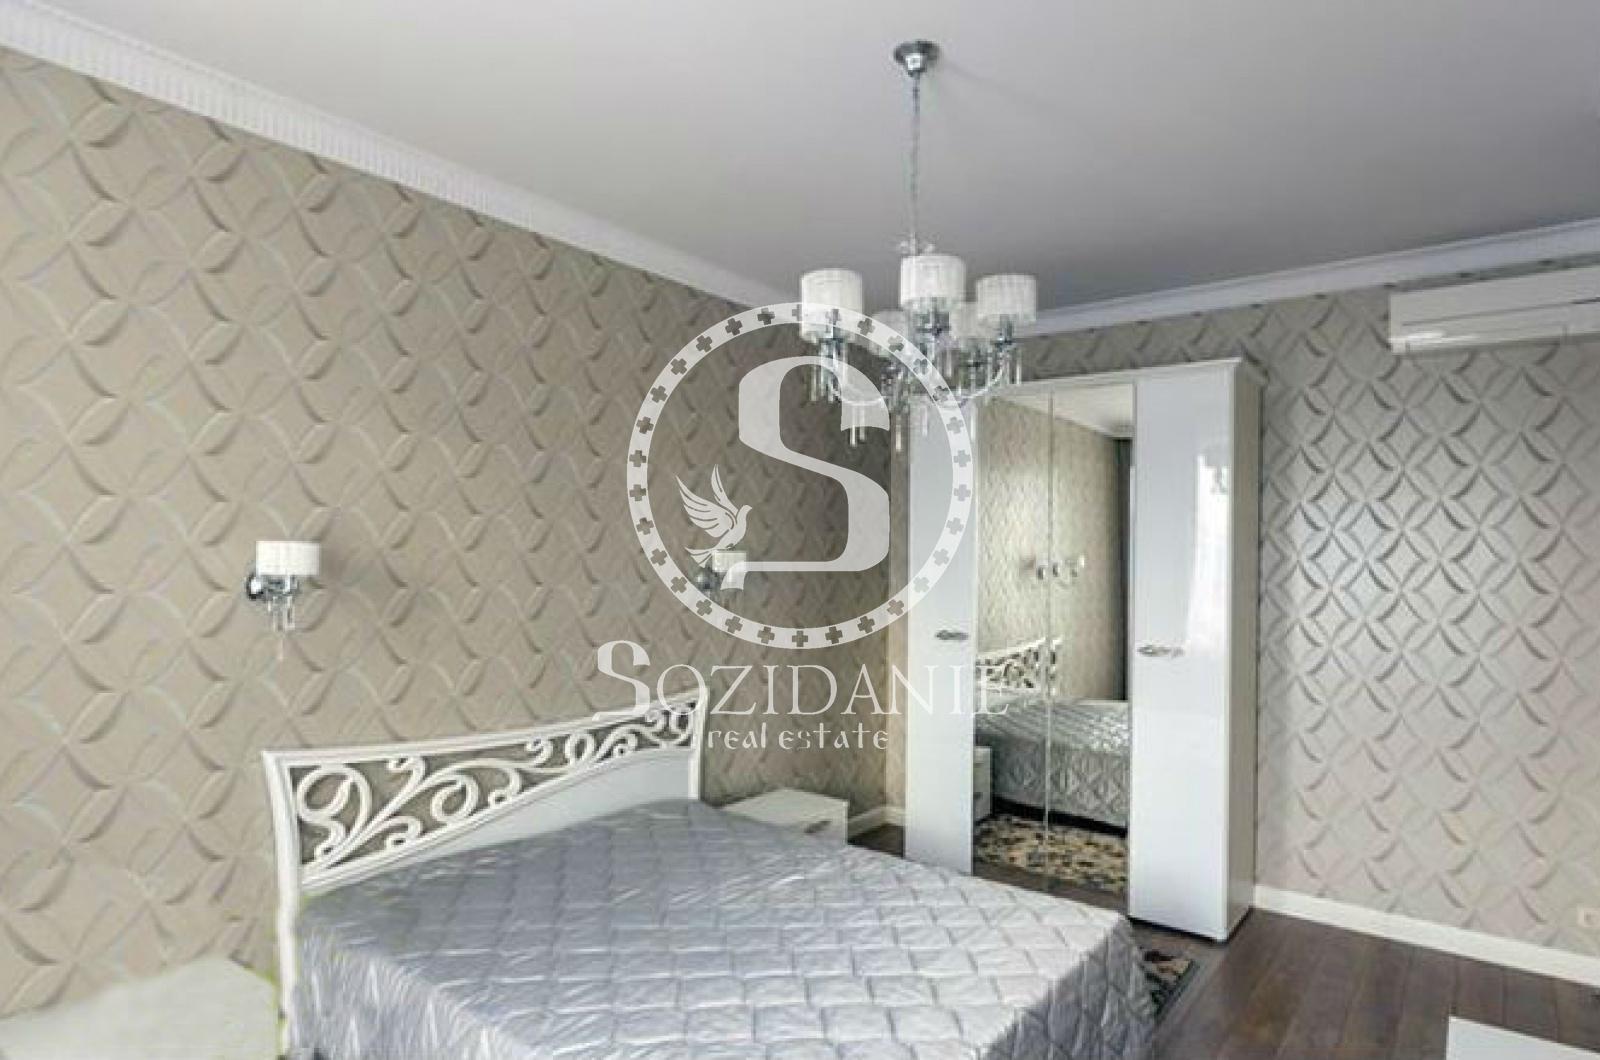 3 Bedrooms, Загородная, Аренда, Listing ID 2930, Московская область, Россия,